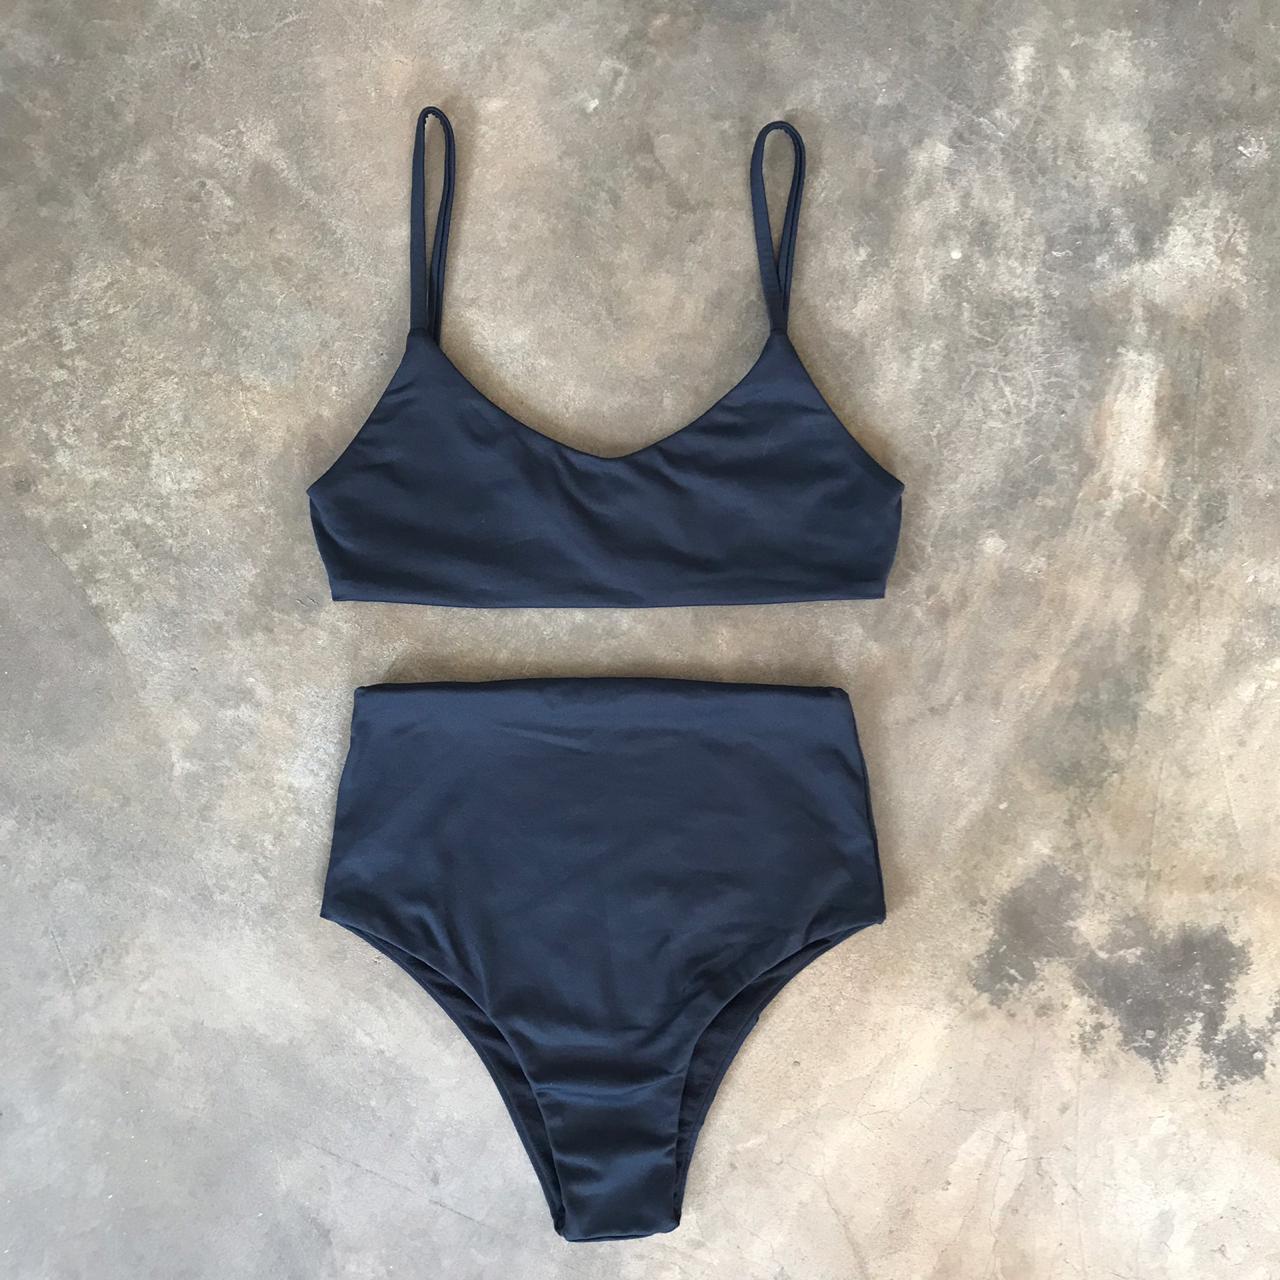 Biquini Hot Pants Adulto Preto